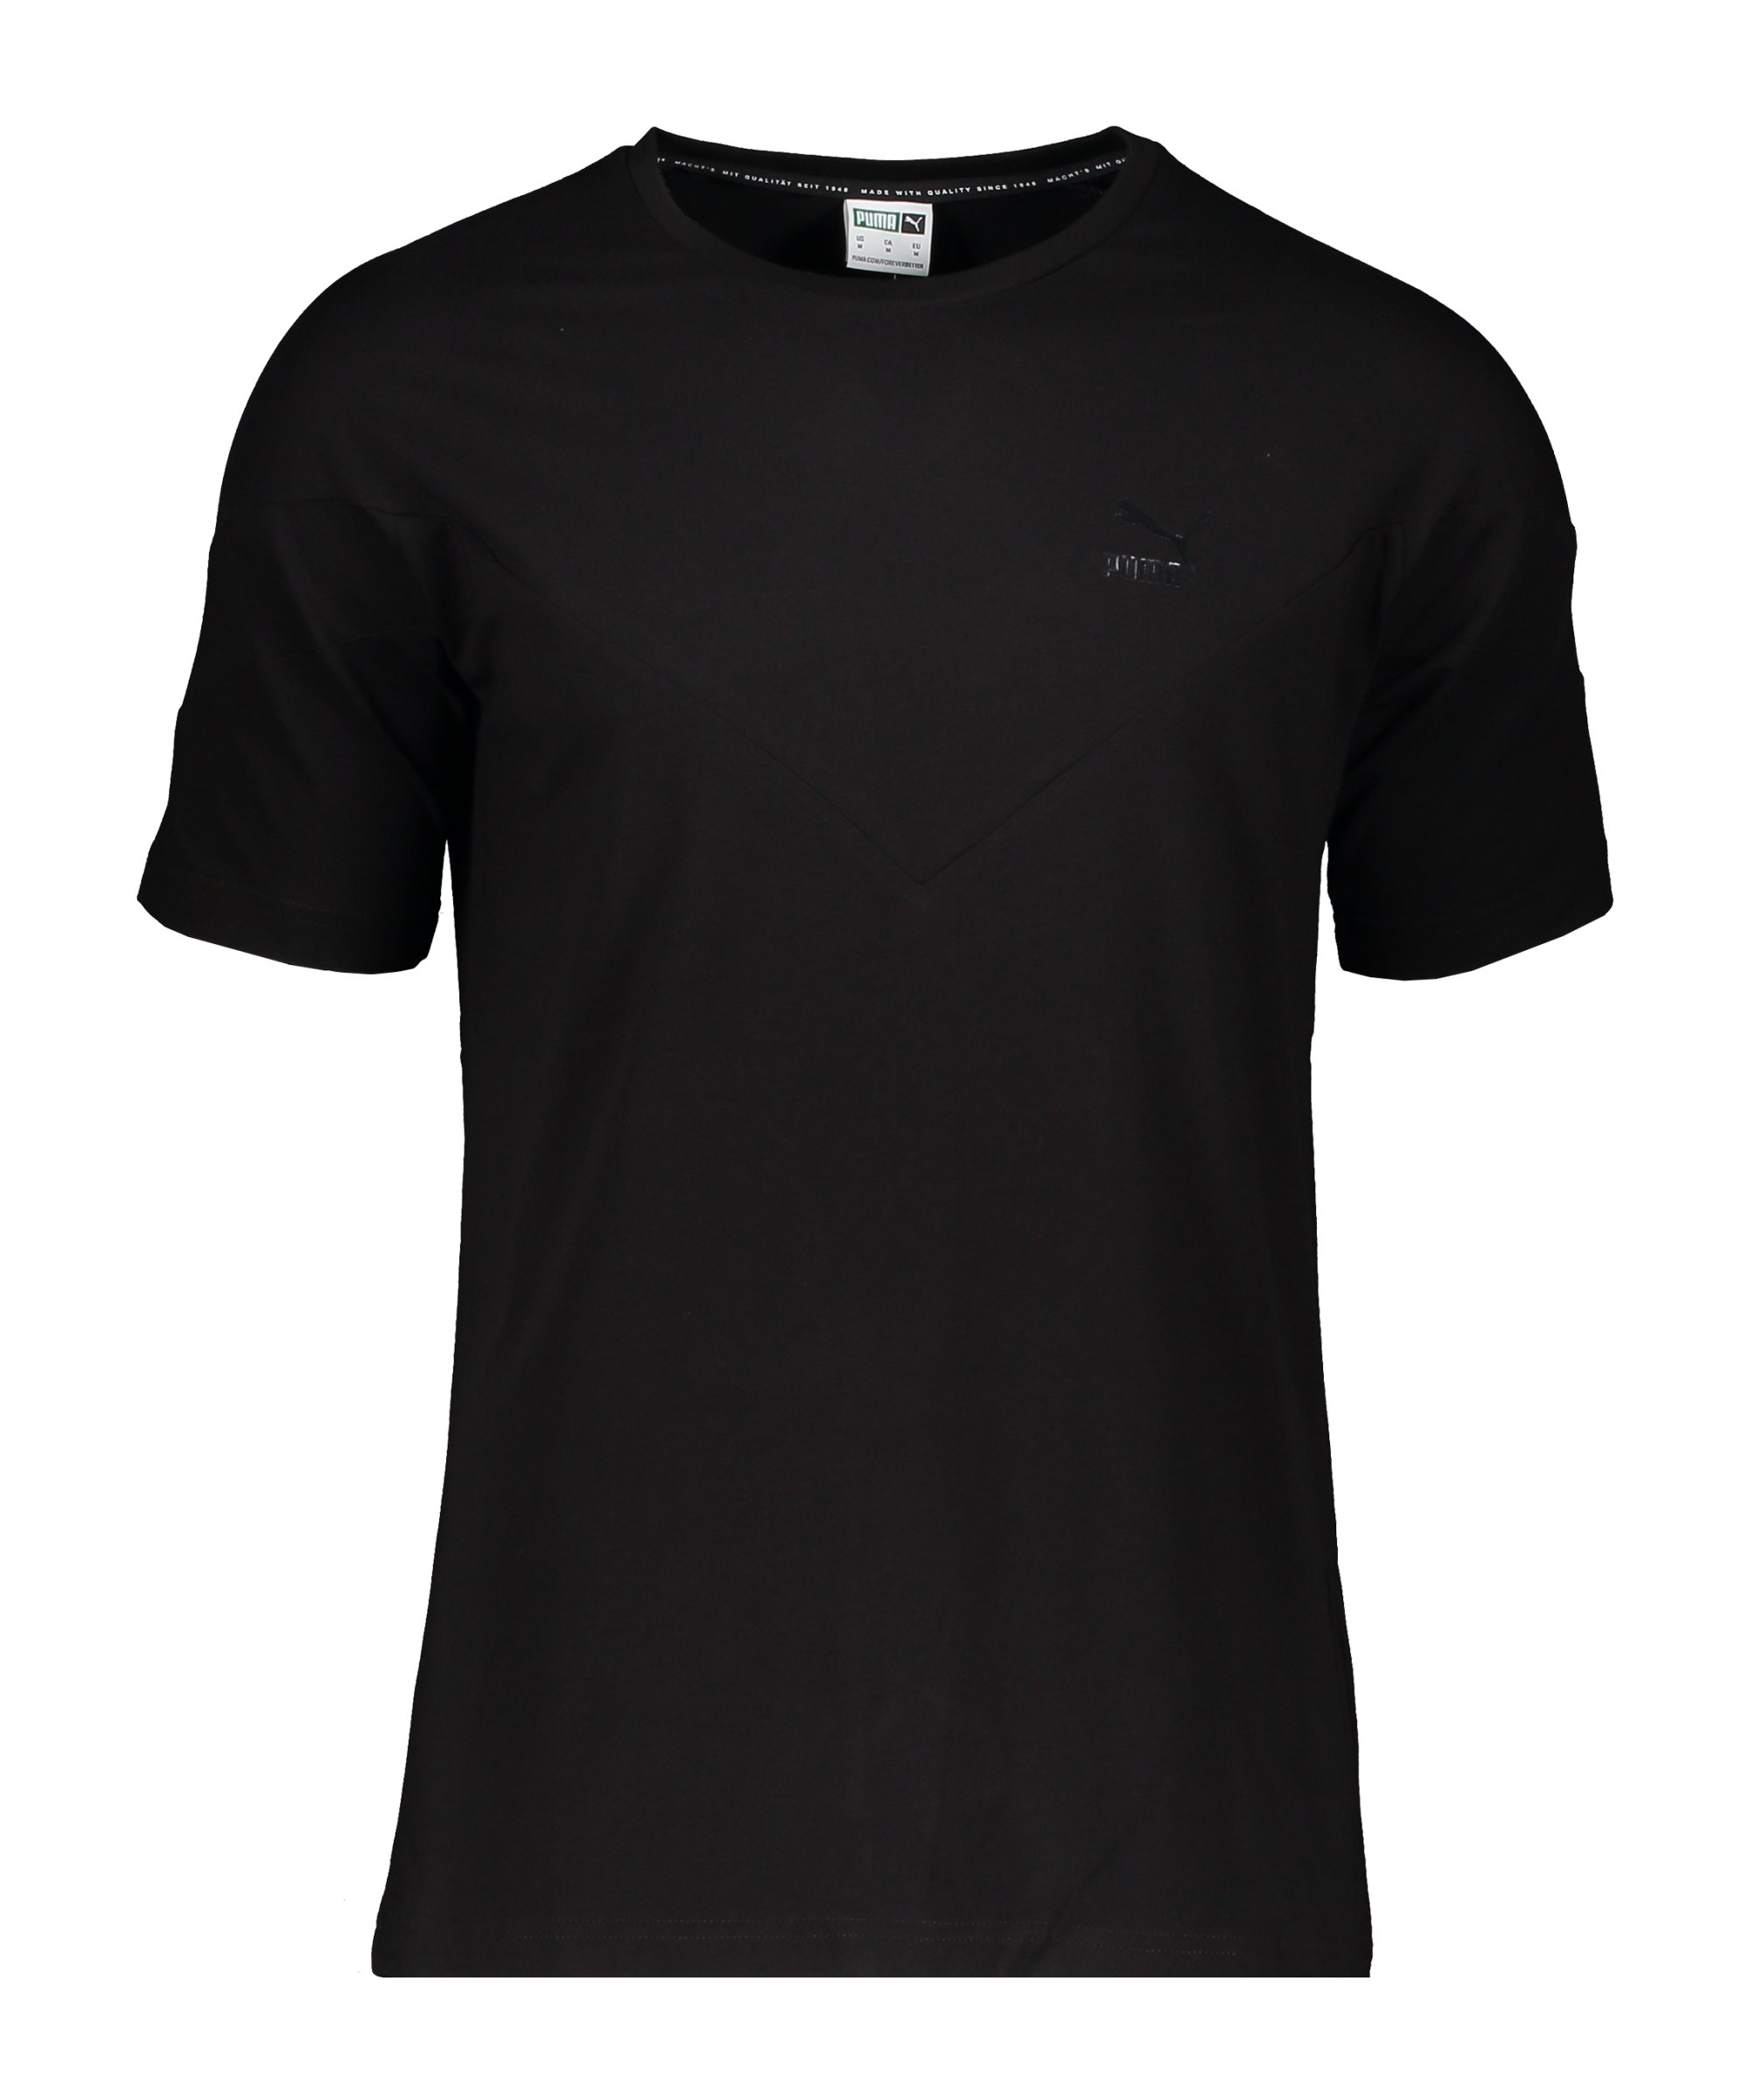 PUMA Iconic MCS T-Shirt Schwarz F51 - schwarz